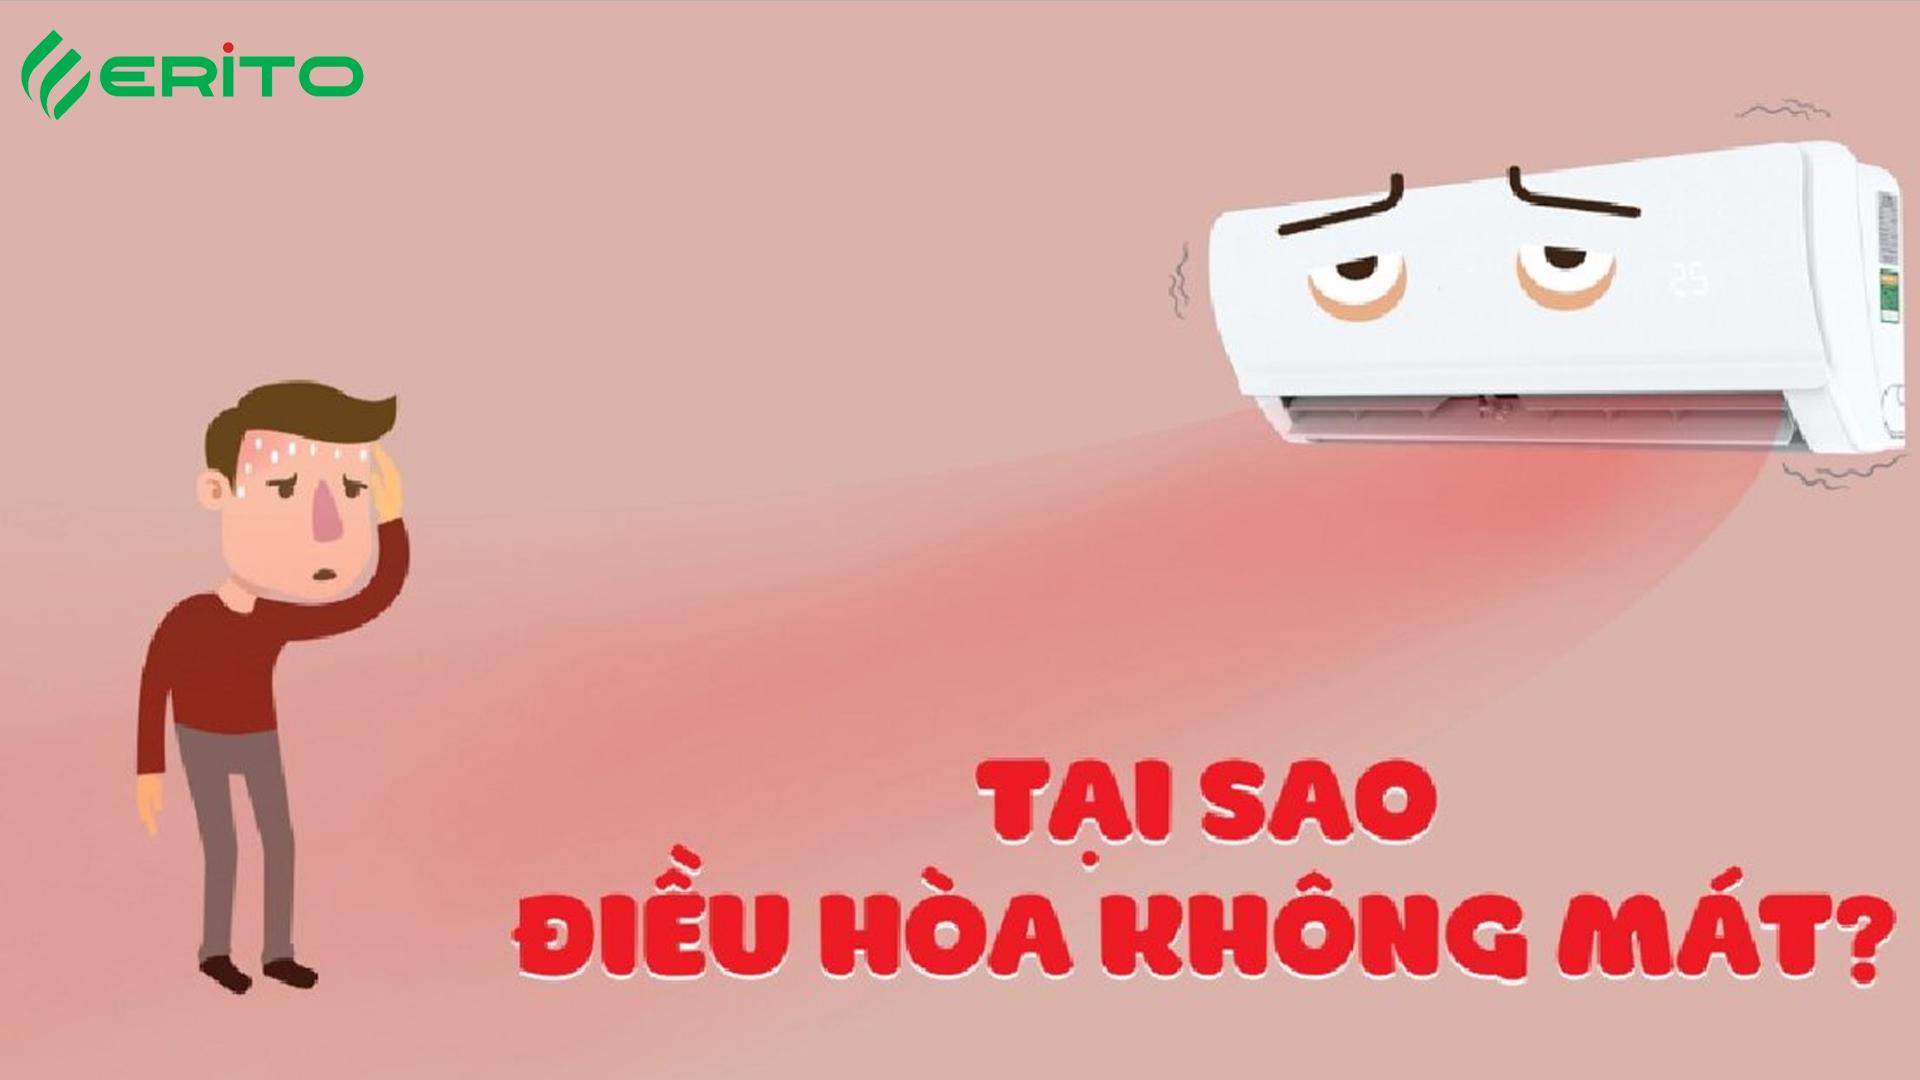 TẠI SAO ĐIỀU HÒA ERITO KHÔNG MÁT